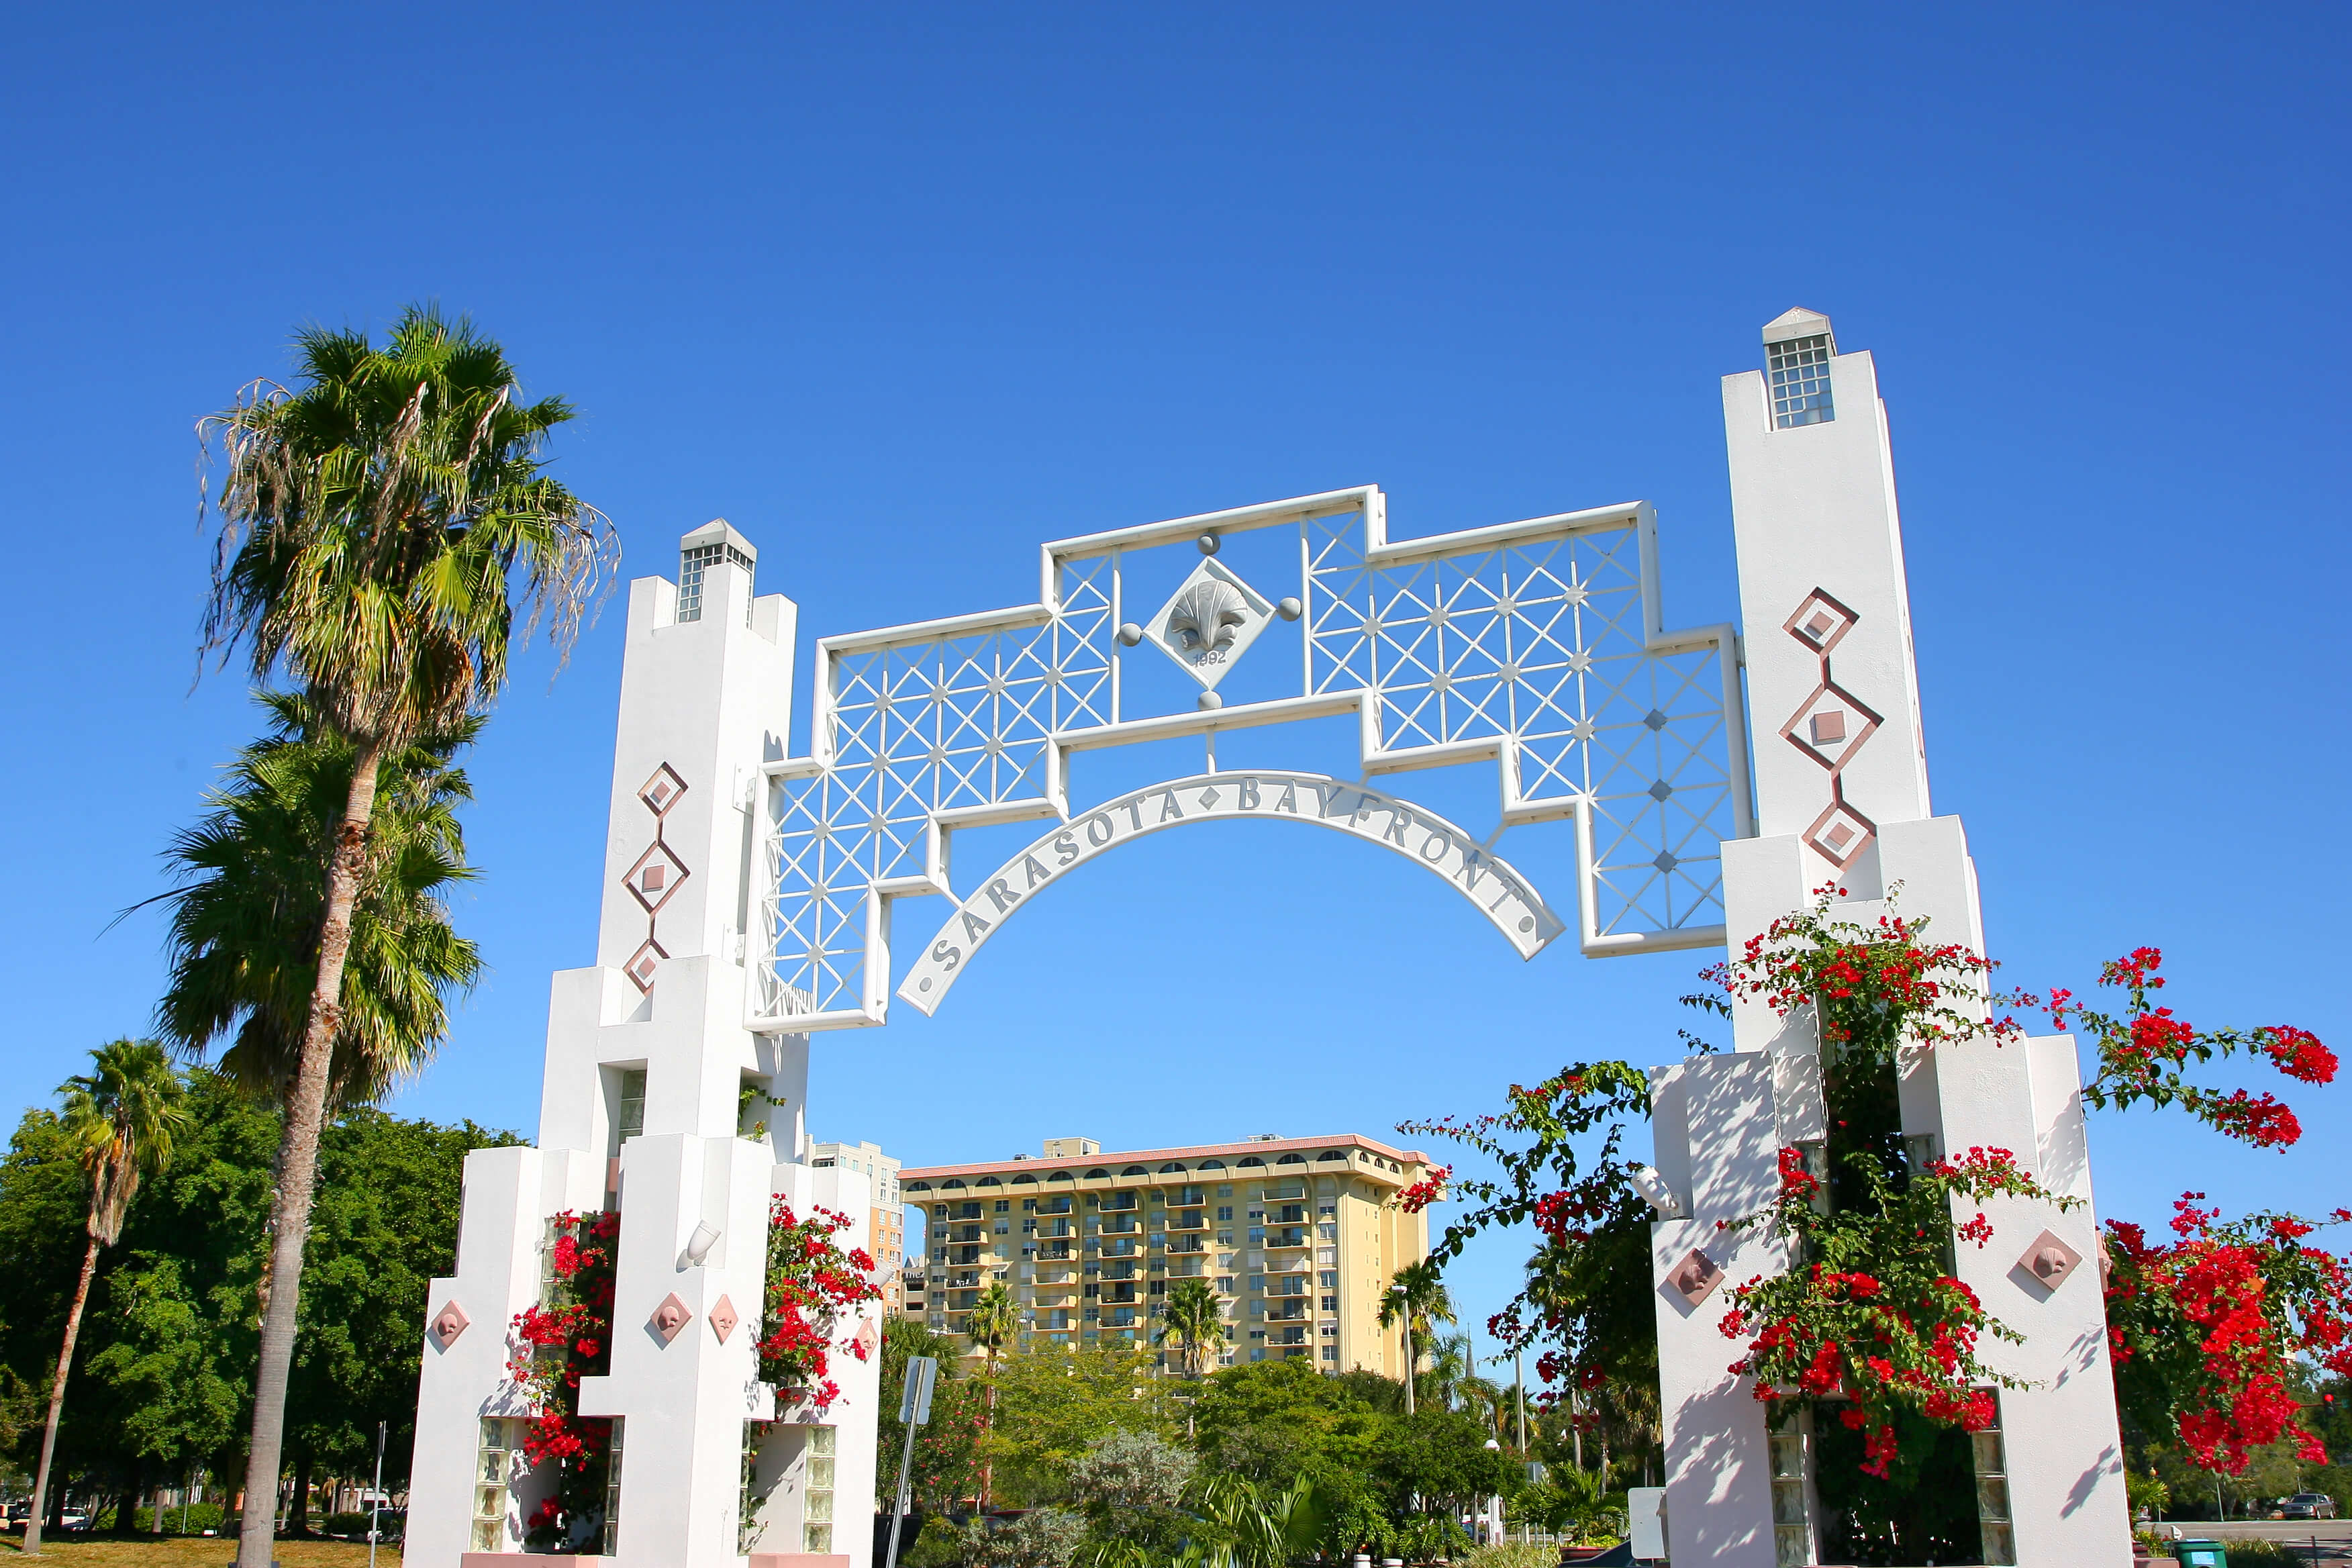 Pontos turísticos em Sarasota: Bayfront Park